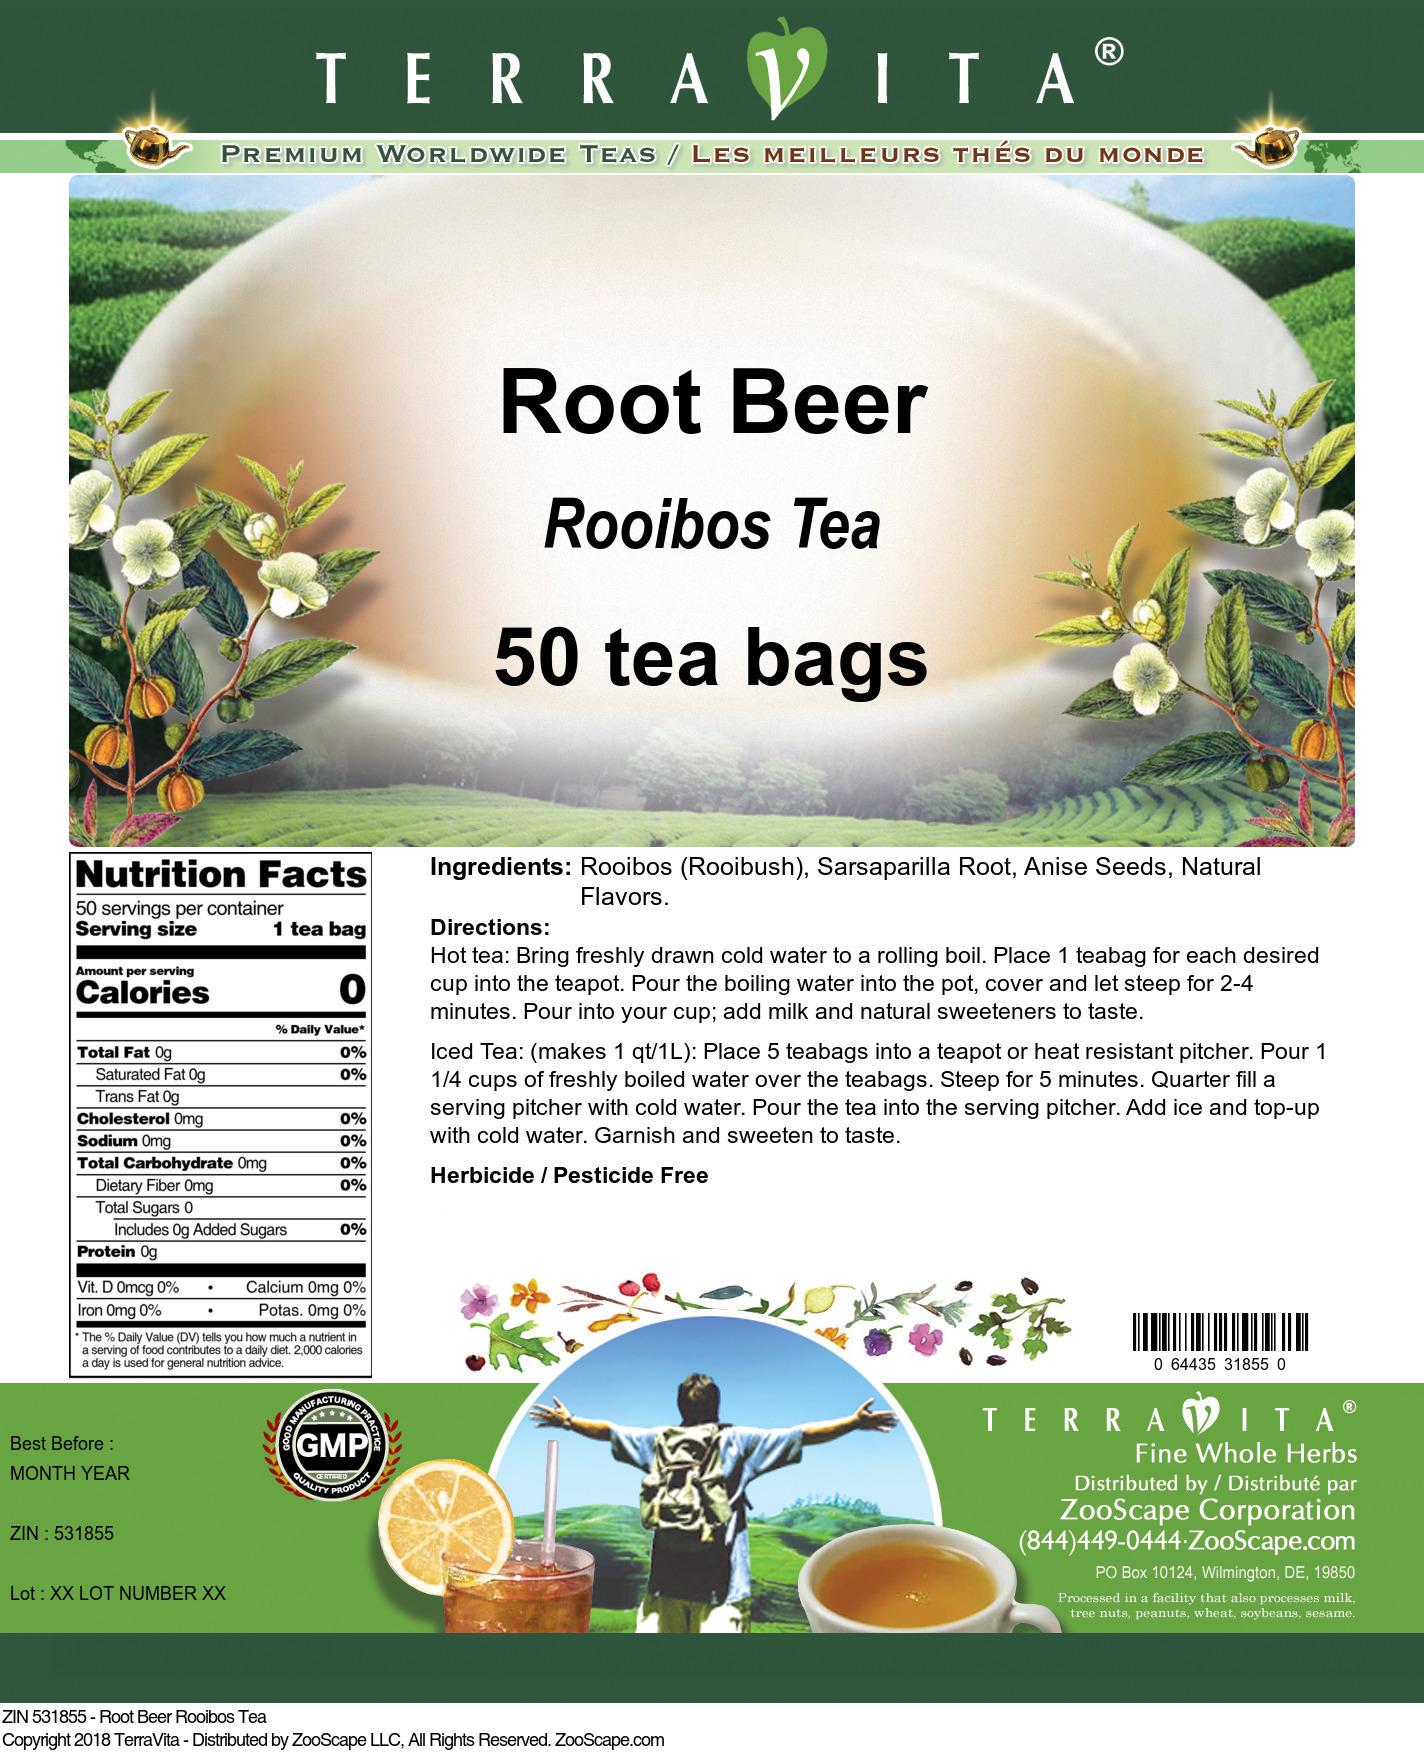 Root Beer Rooibos Tea